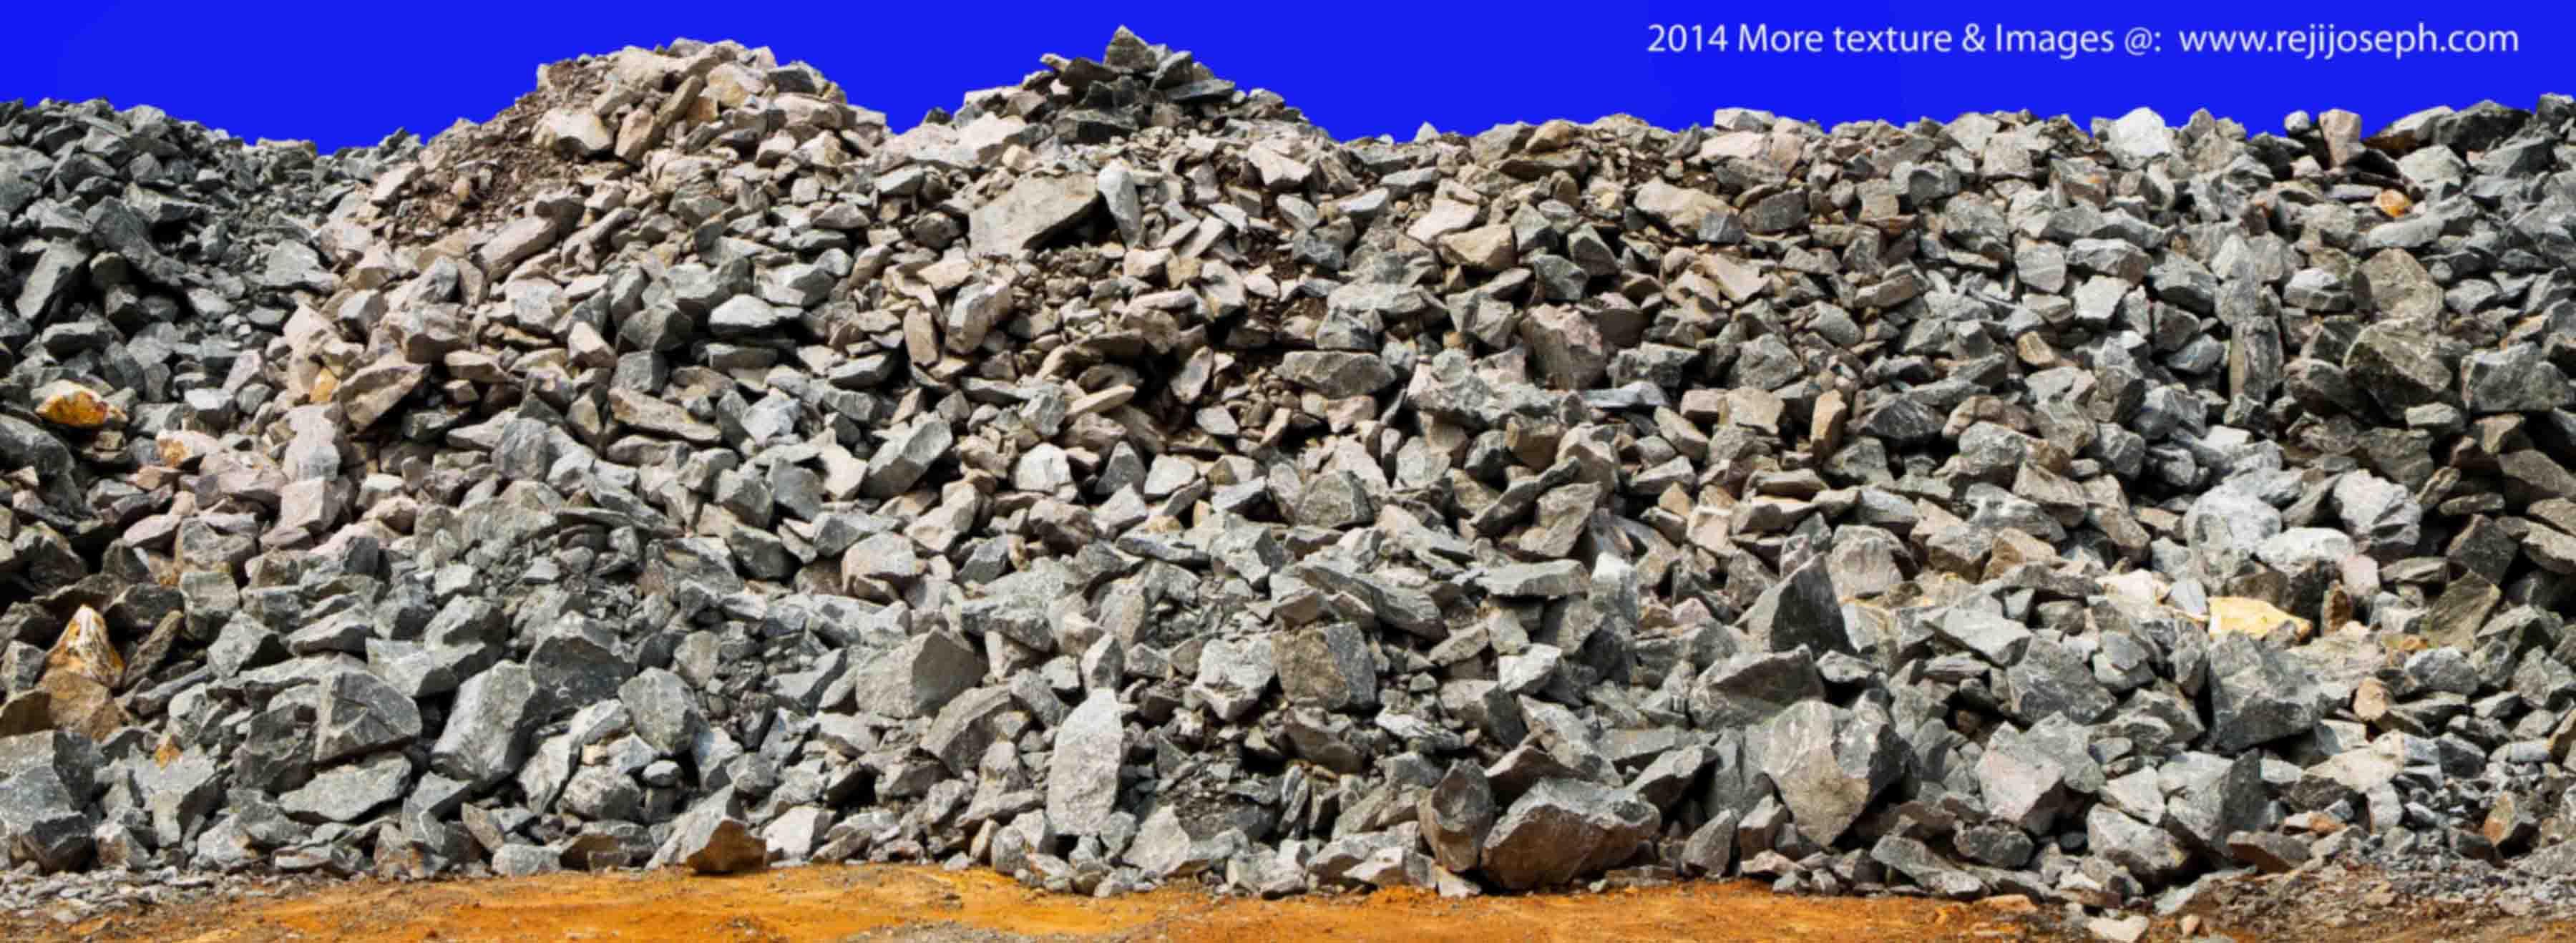 Stone texture 00003